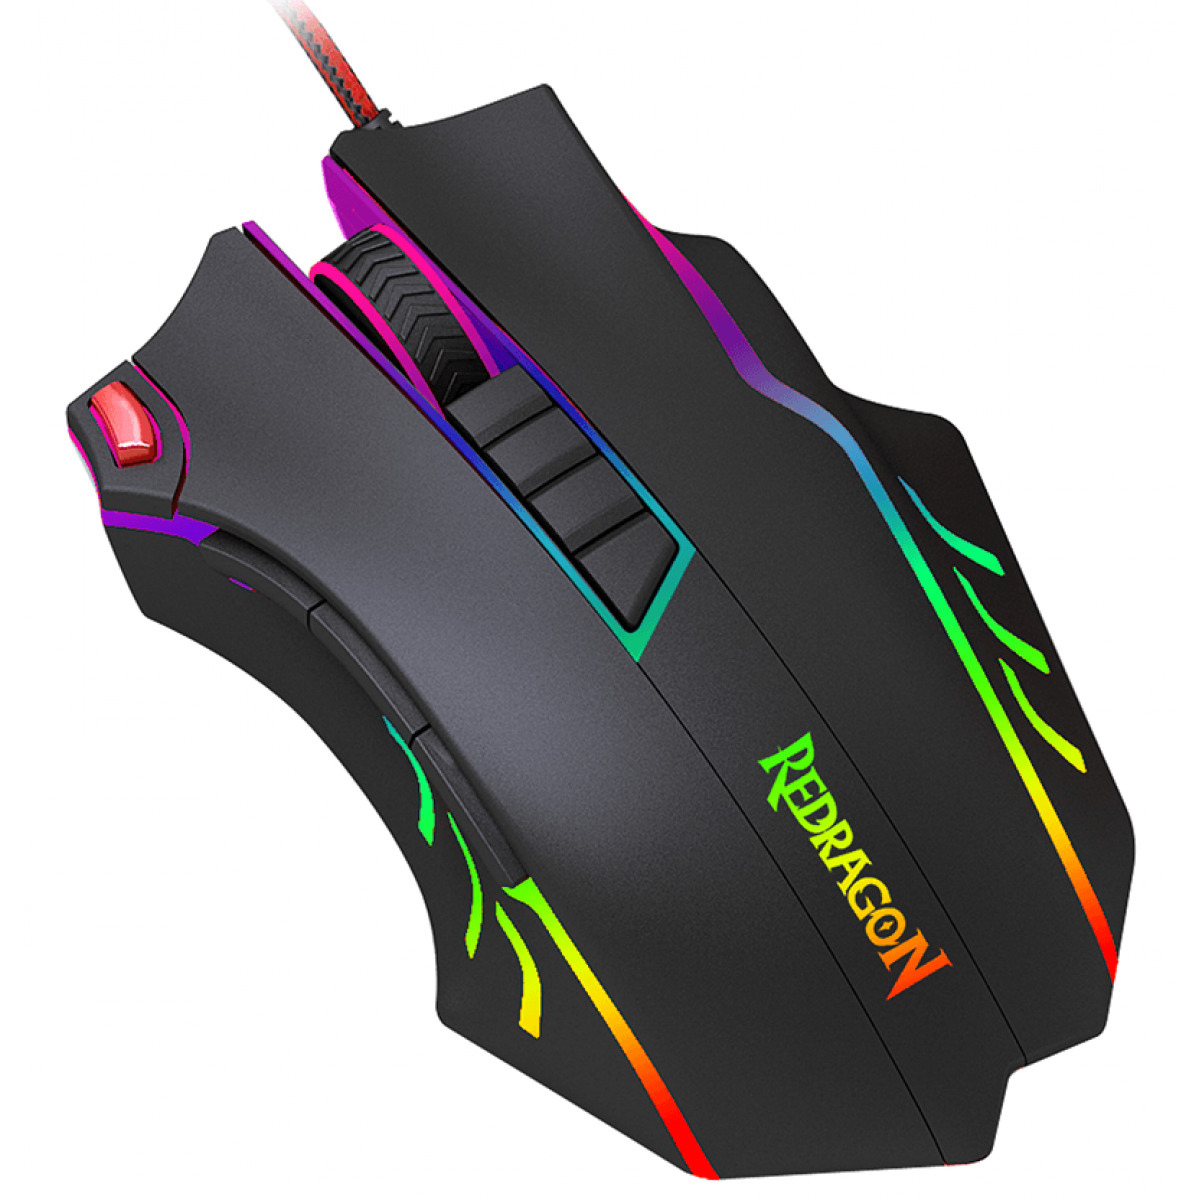 Mouse Gamer Redragon Titanoboa 2 Chroma, 24000 DPI, 10 Botões, Black, M802-RGB